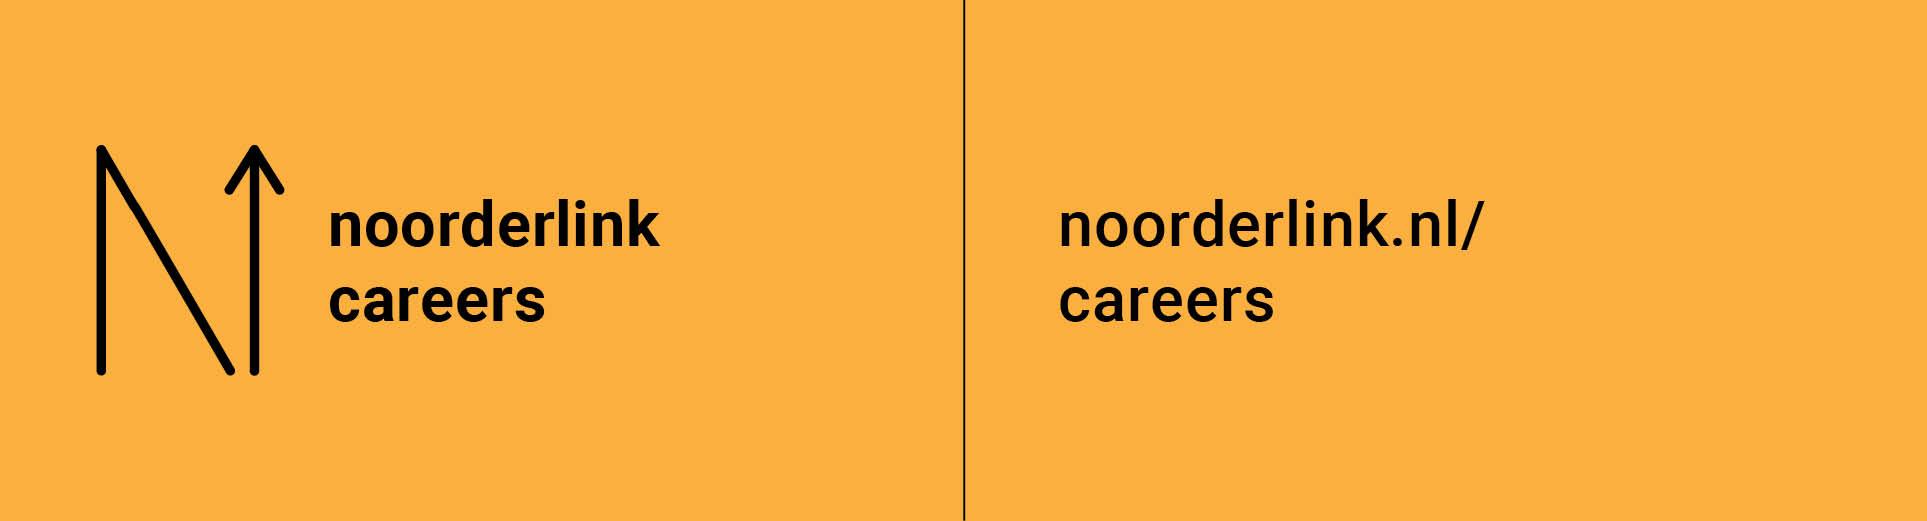 Noorderlink Careers - De arbeidsmarkt: cijfers en ontwikkelingen 2018